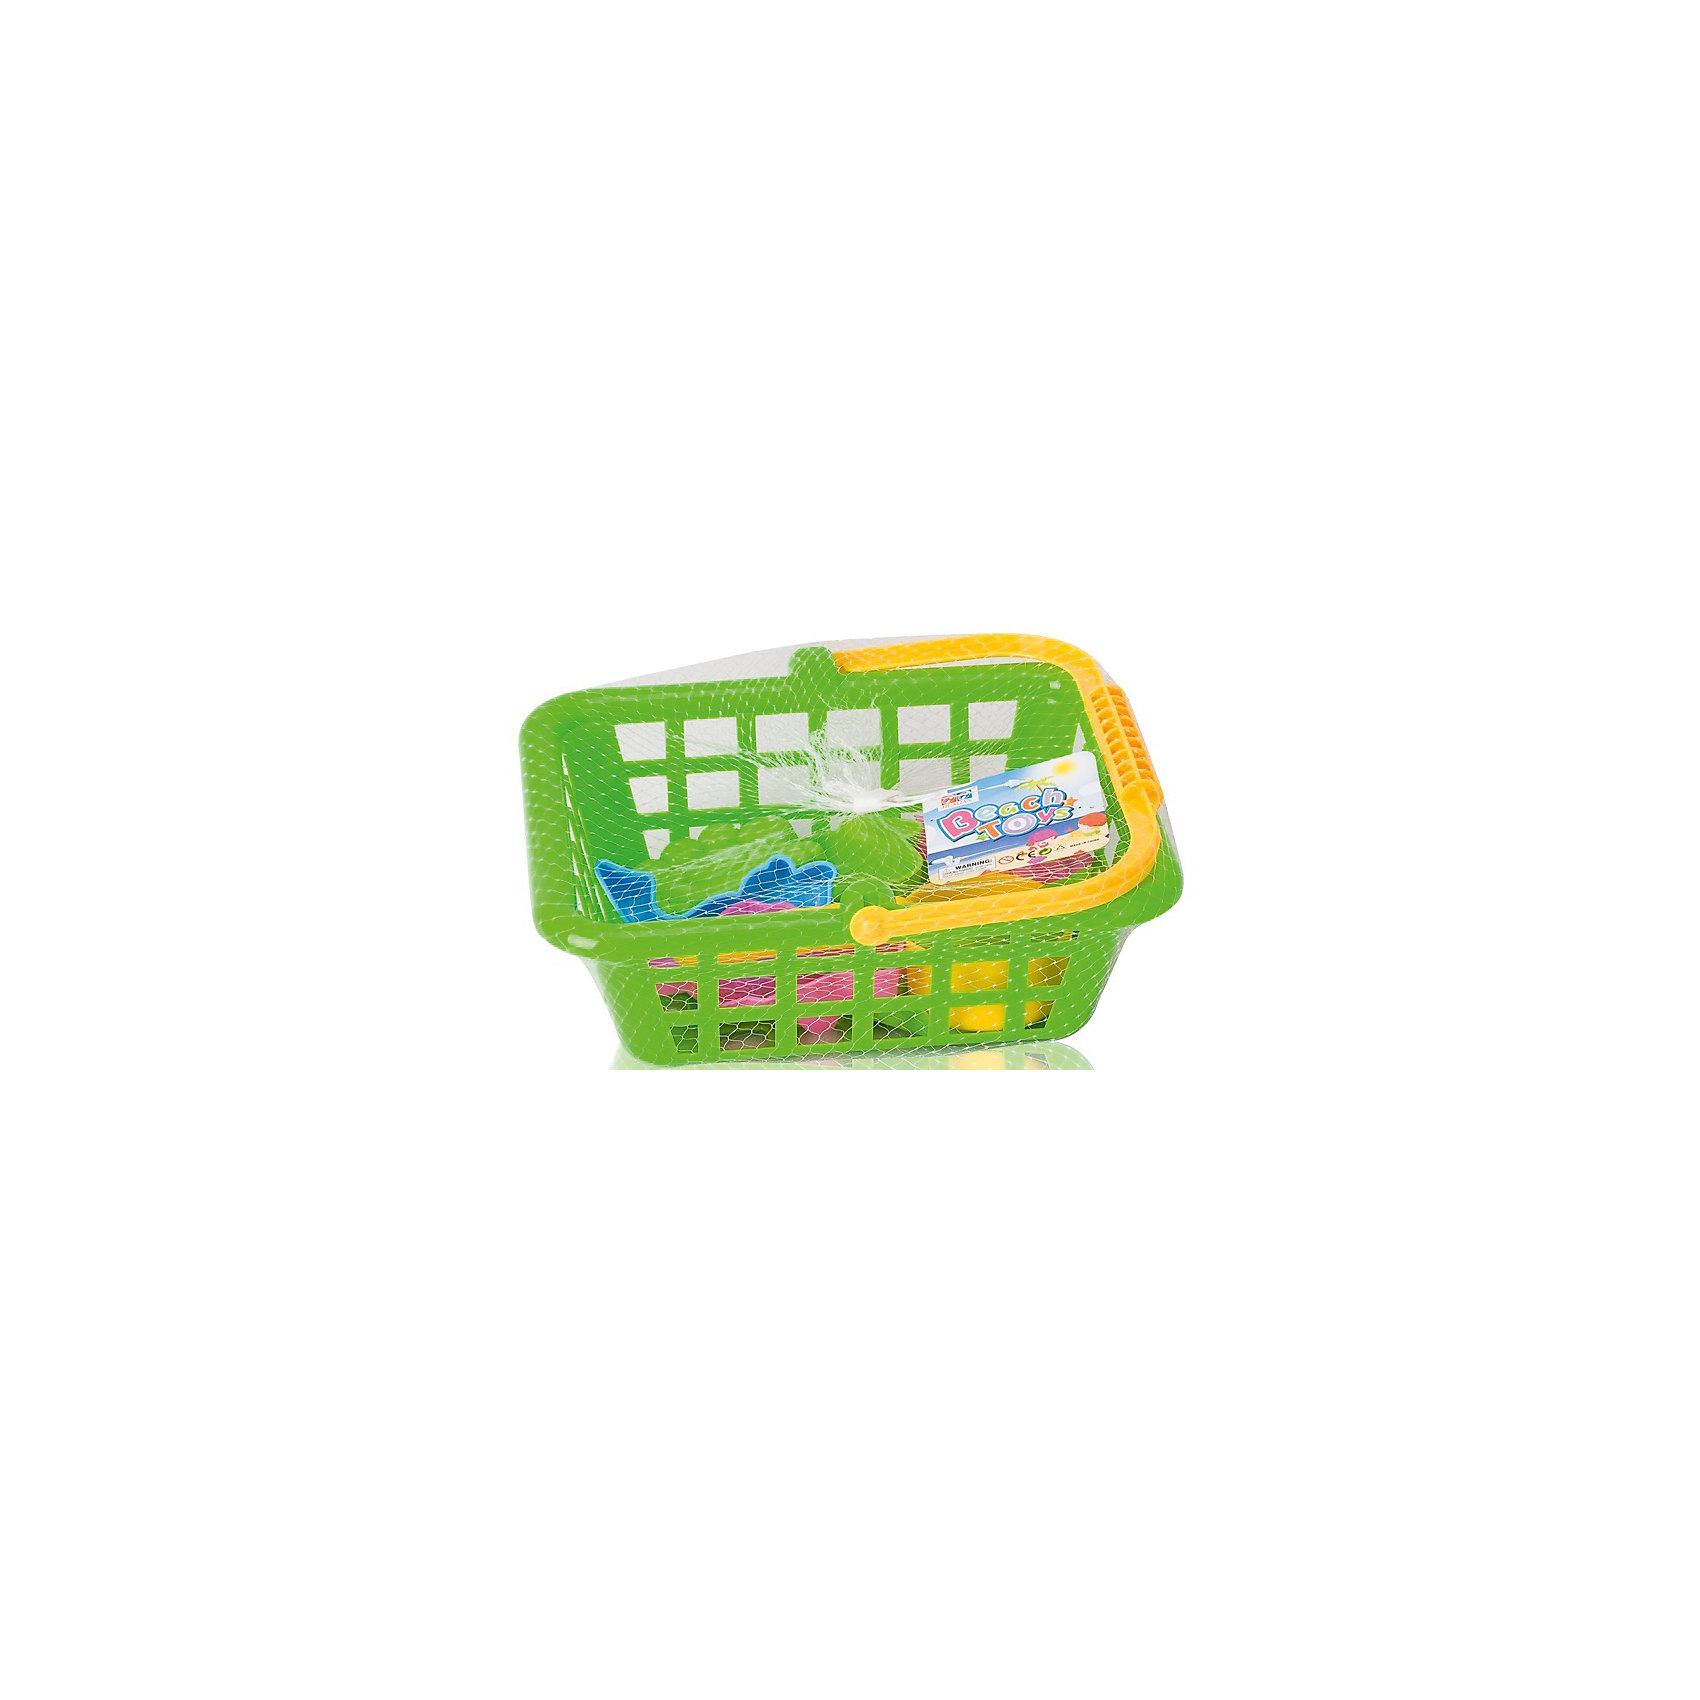 """Игровой набор """"Жители моря"""", 8 предм., в корзинке, Hualian Toys от myToys"""